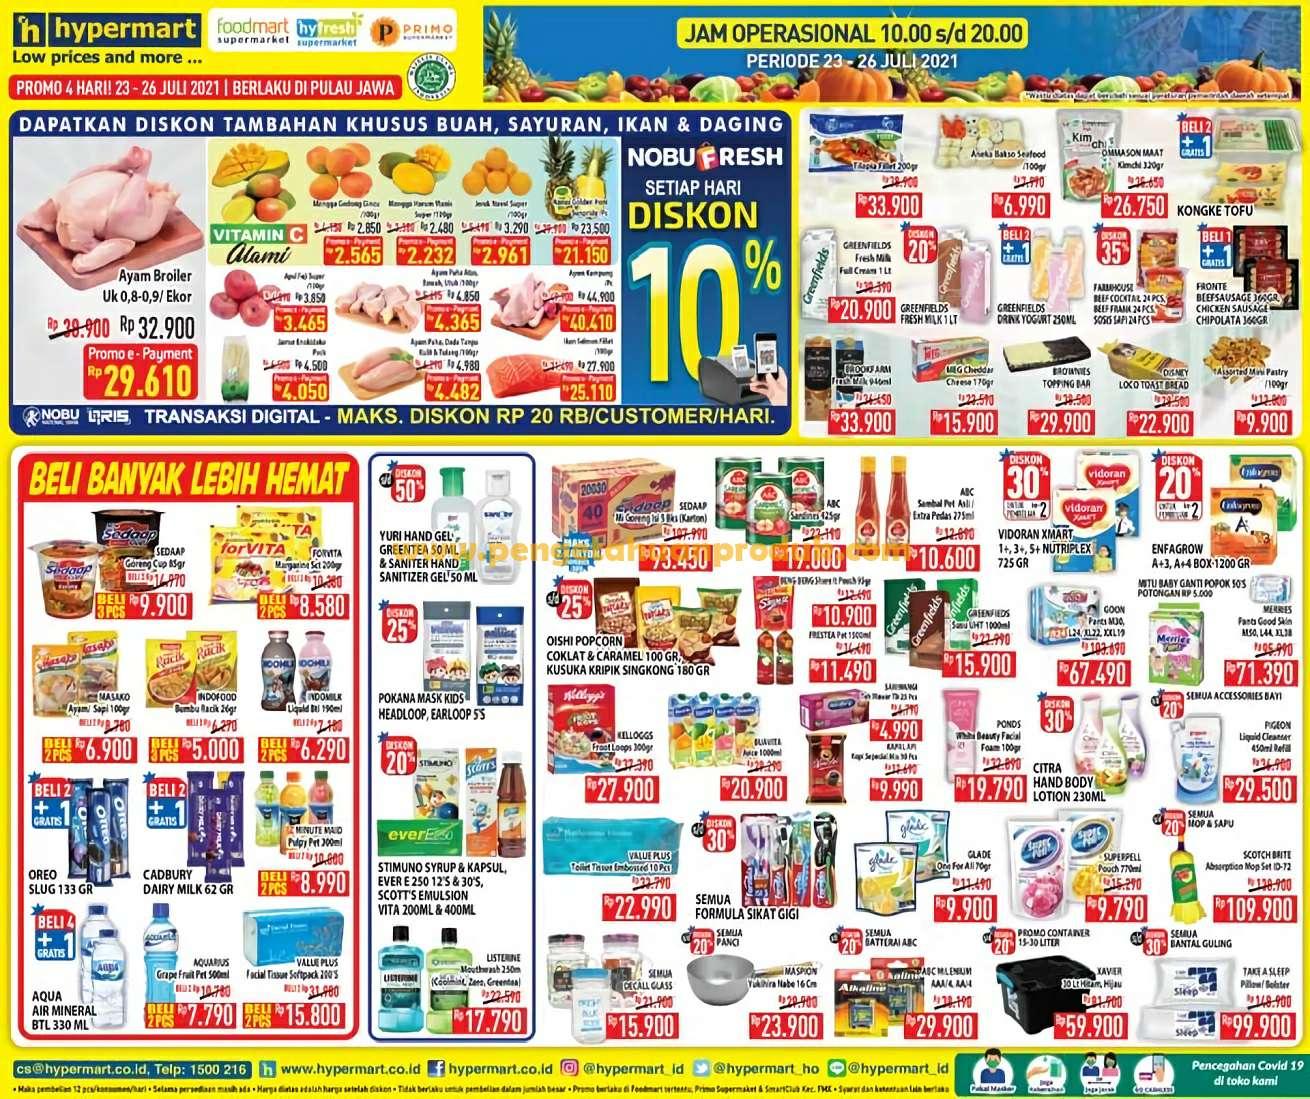 Katalog Promo Hypermart Weekend Periode 23 - 26 Juli 2021